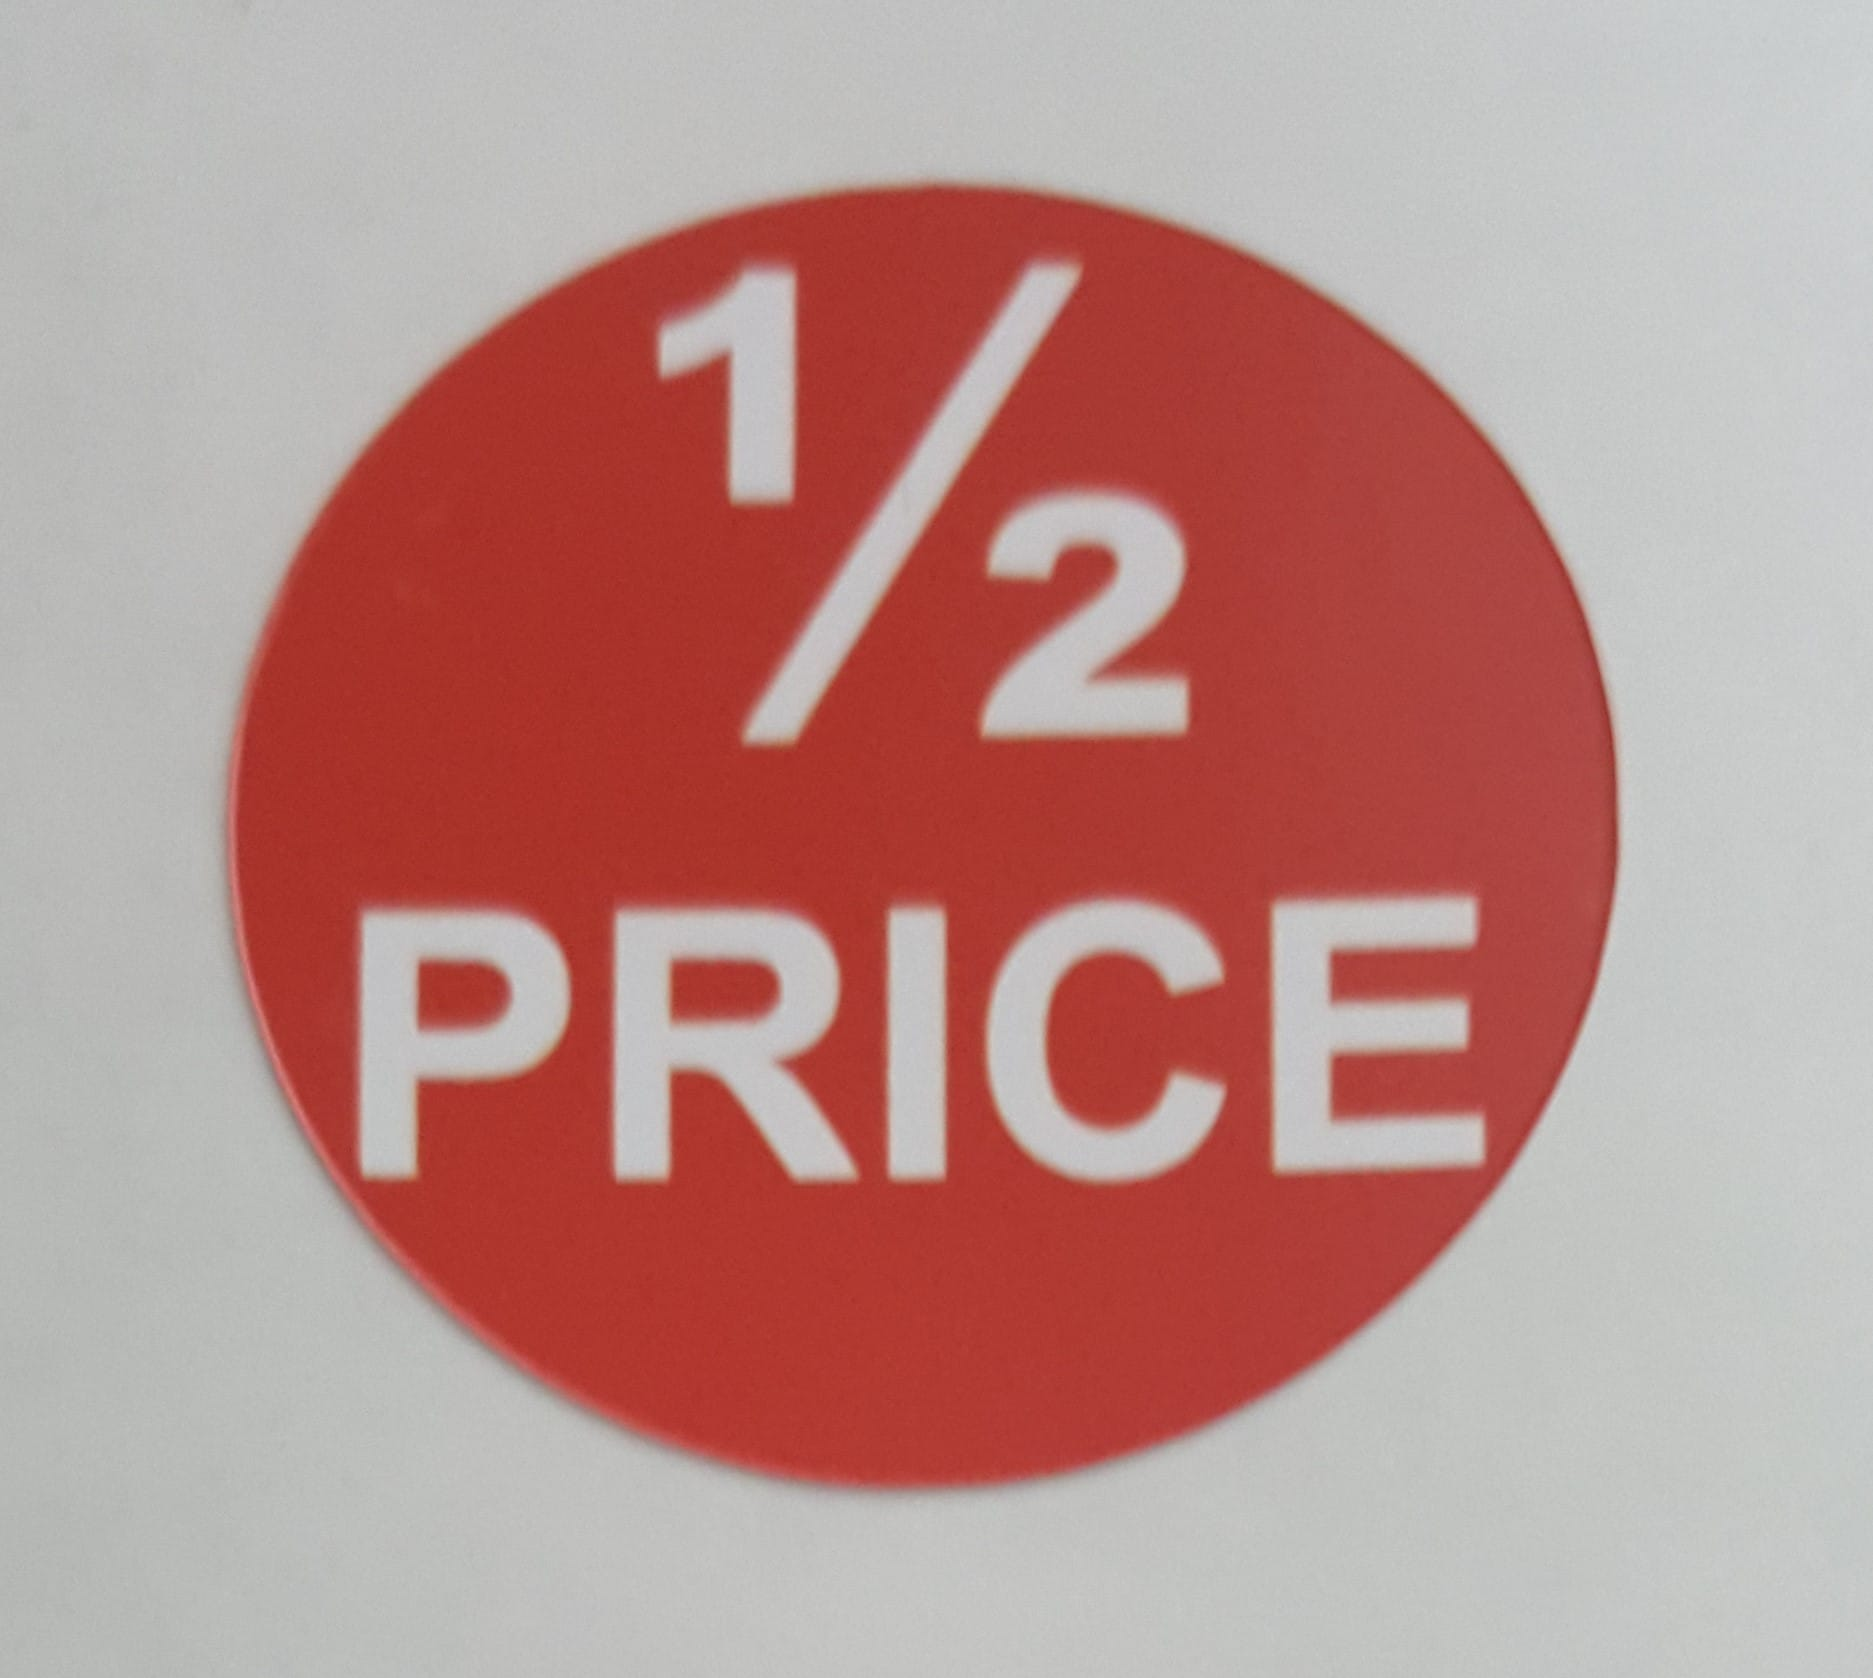 Half price sticky labels